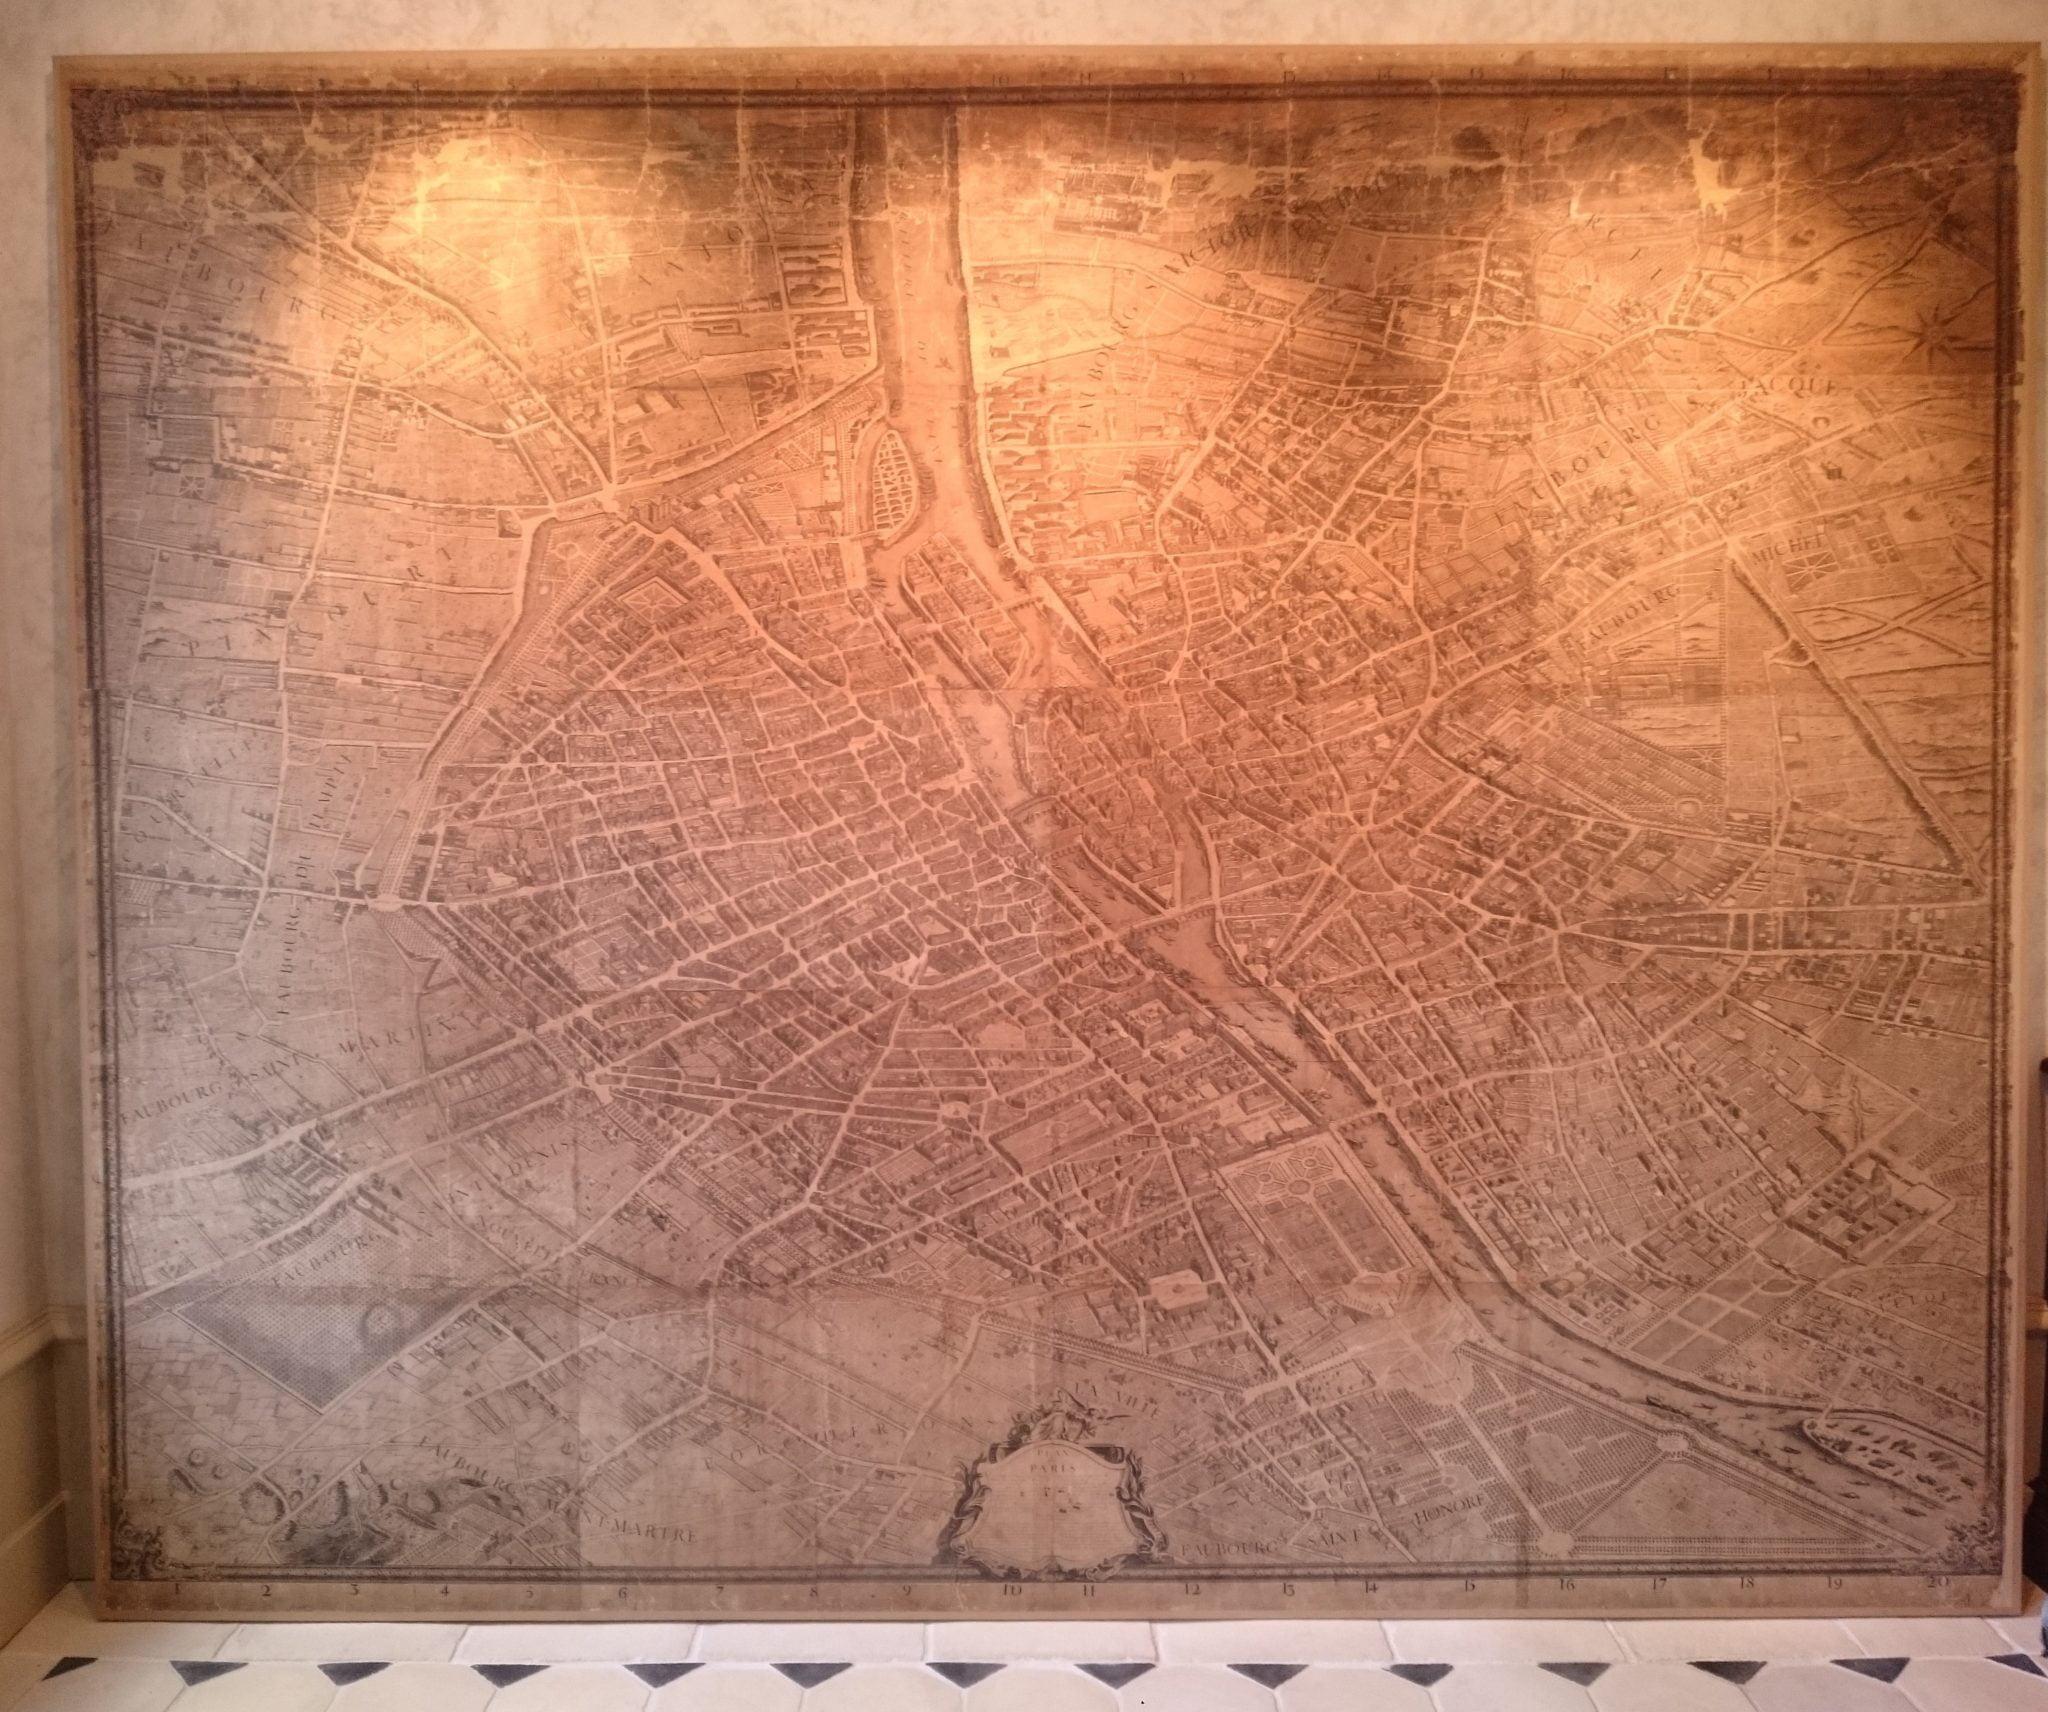 Le 'plan de Turgot' restauré présente Paris en 1734